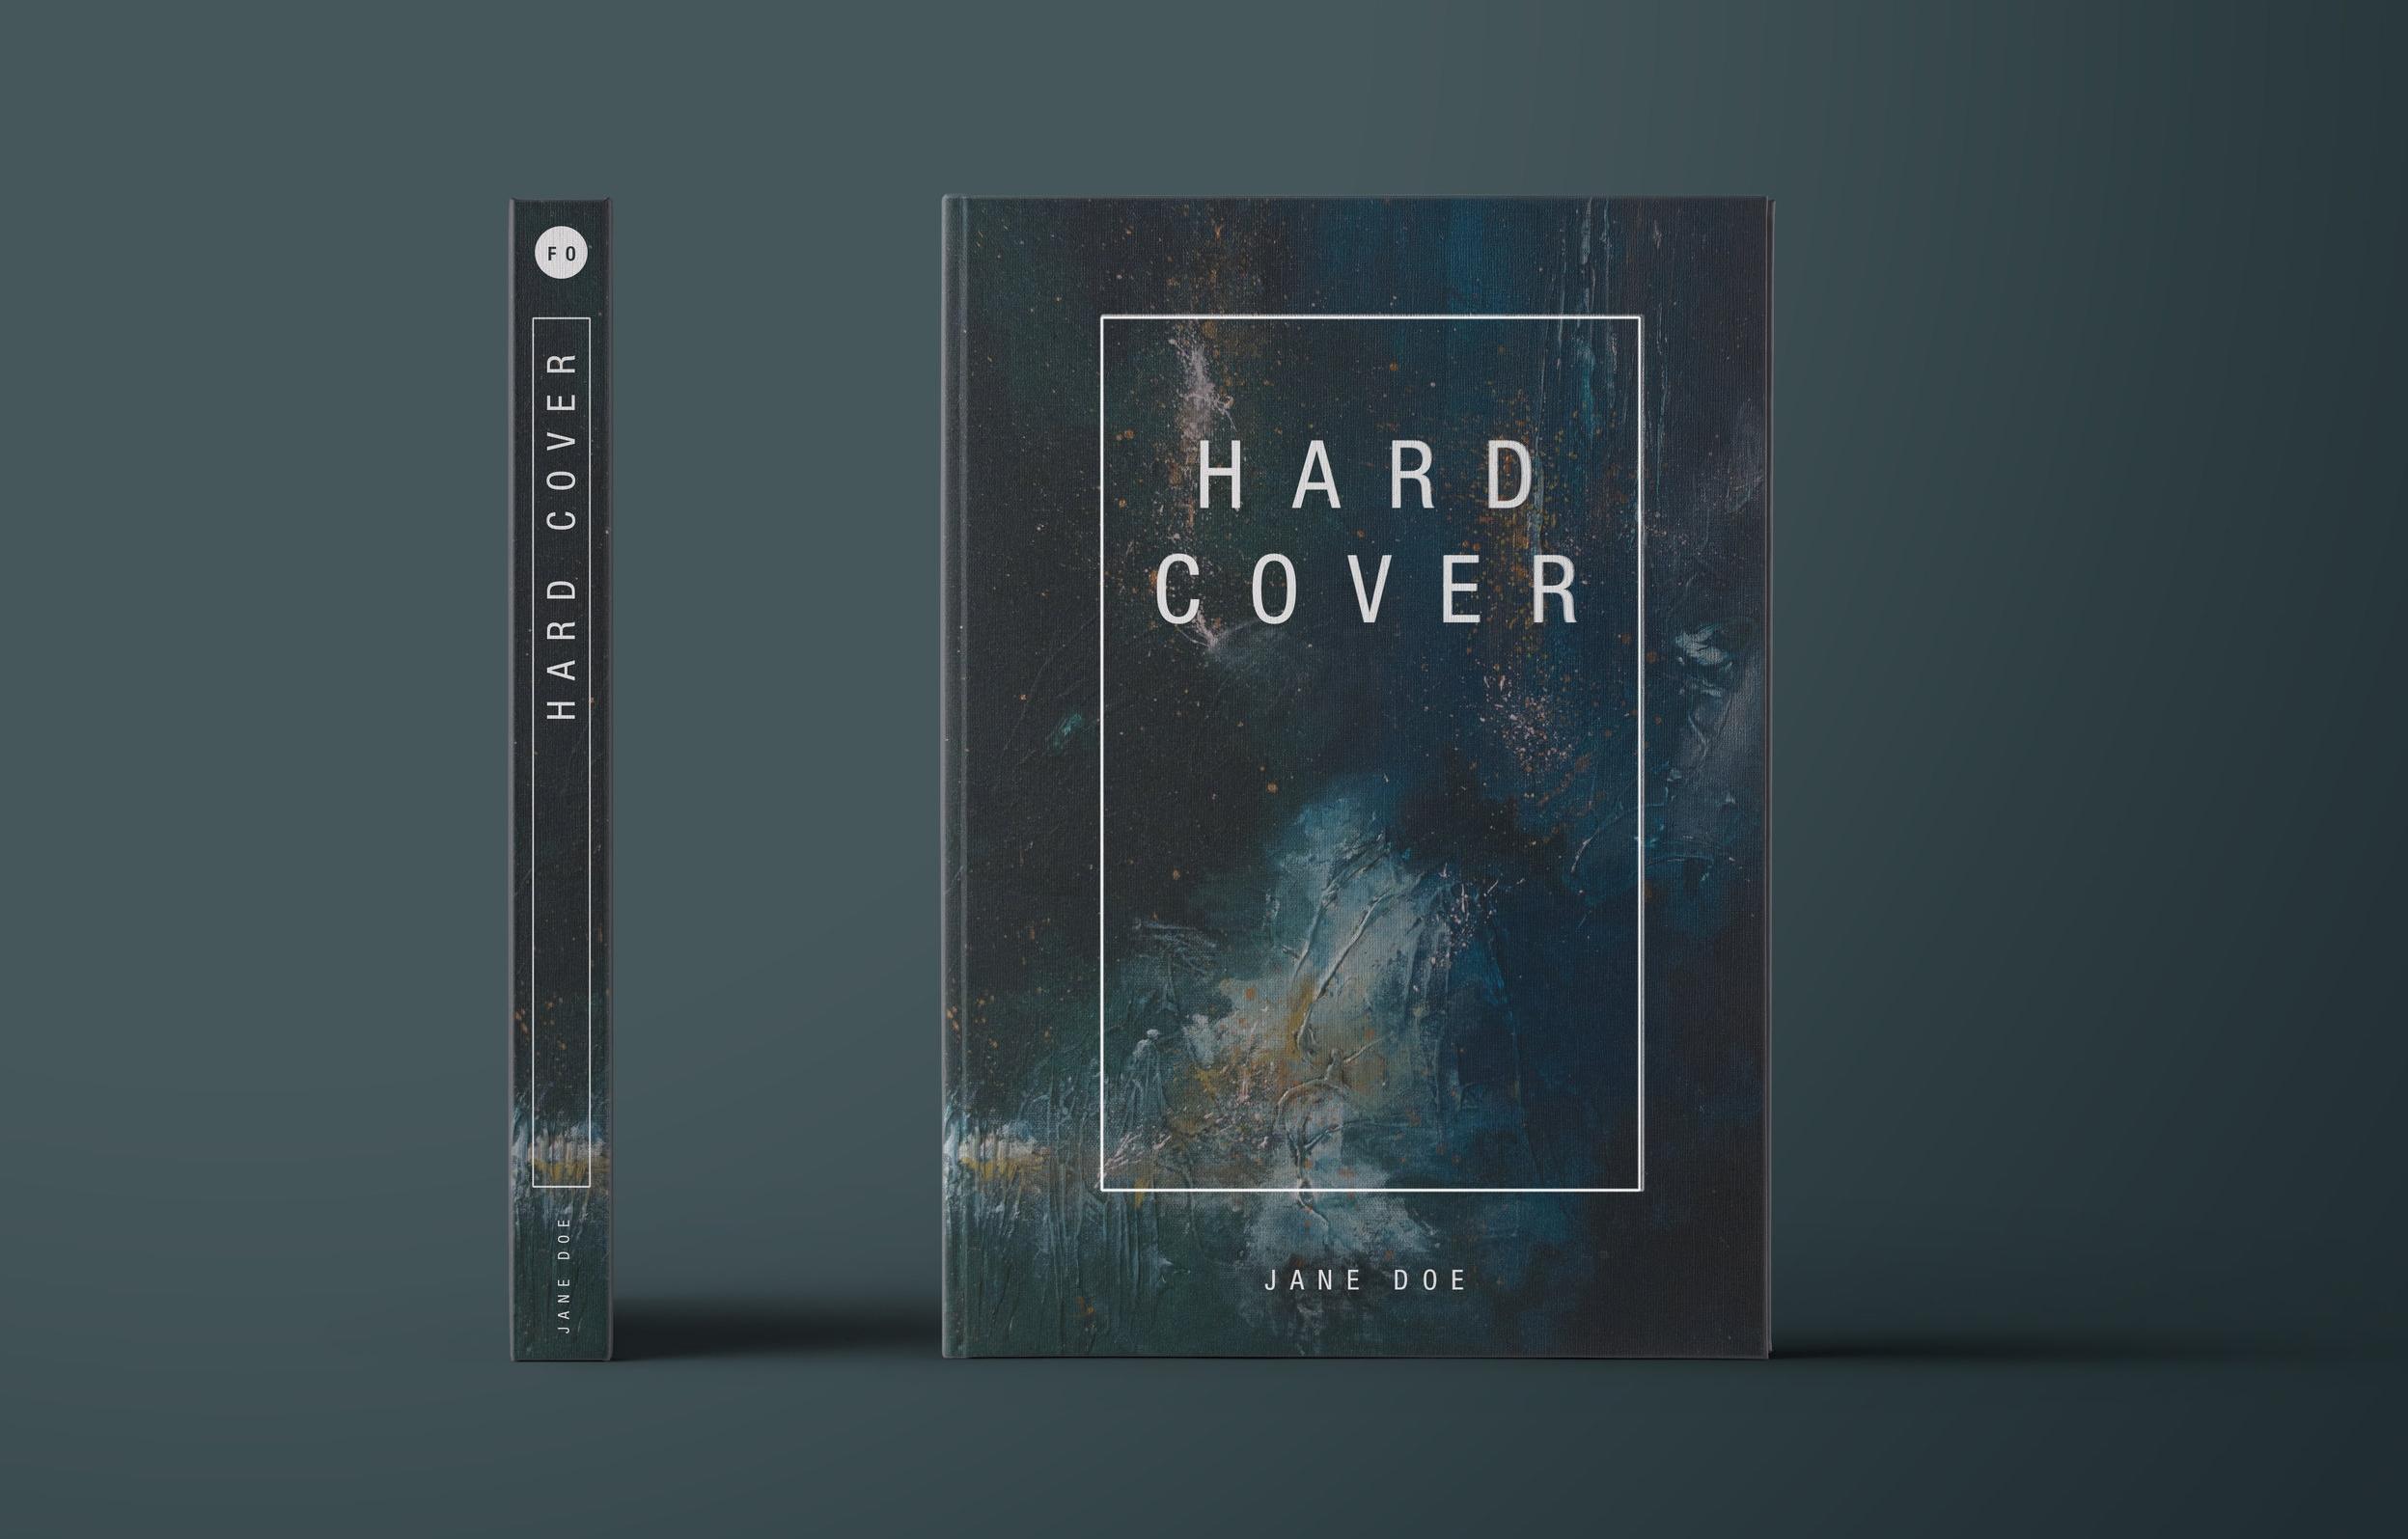 Projet personnel - design de couverture Personnal project - hard cover design illustation : ophélie Bergonzat